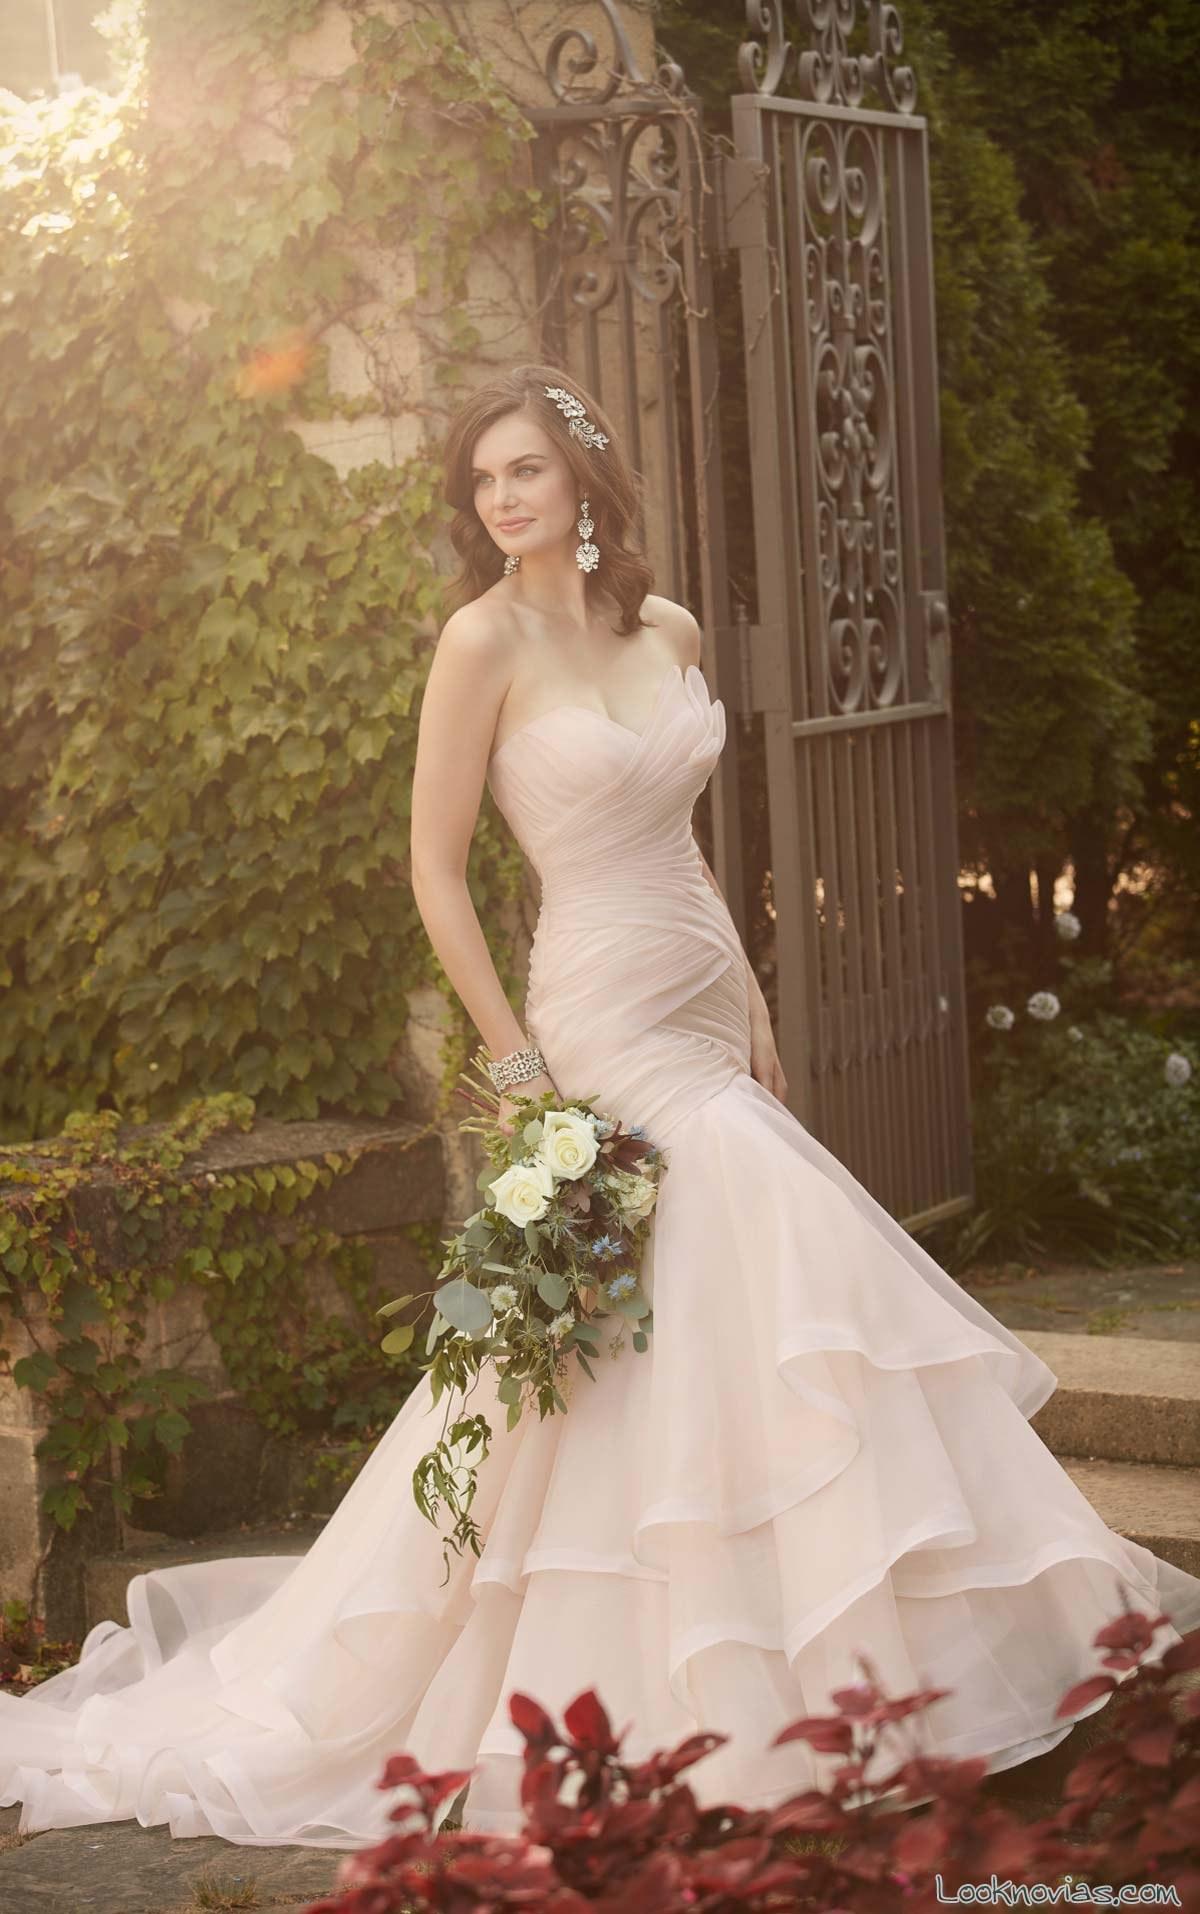 vestido de novia drapeado en color essense of australia